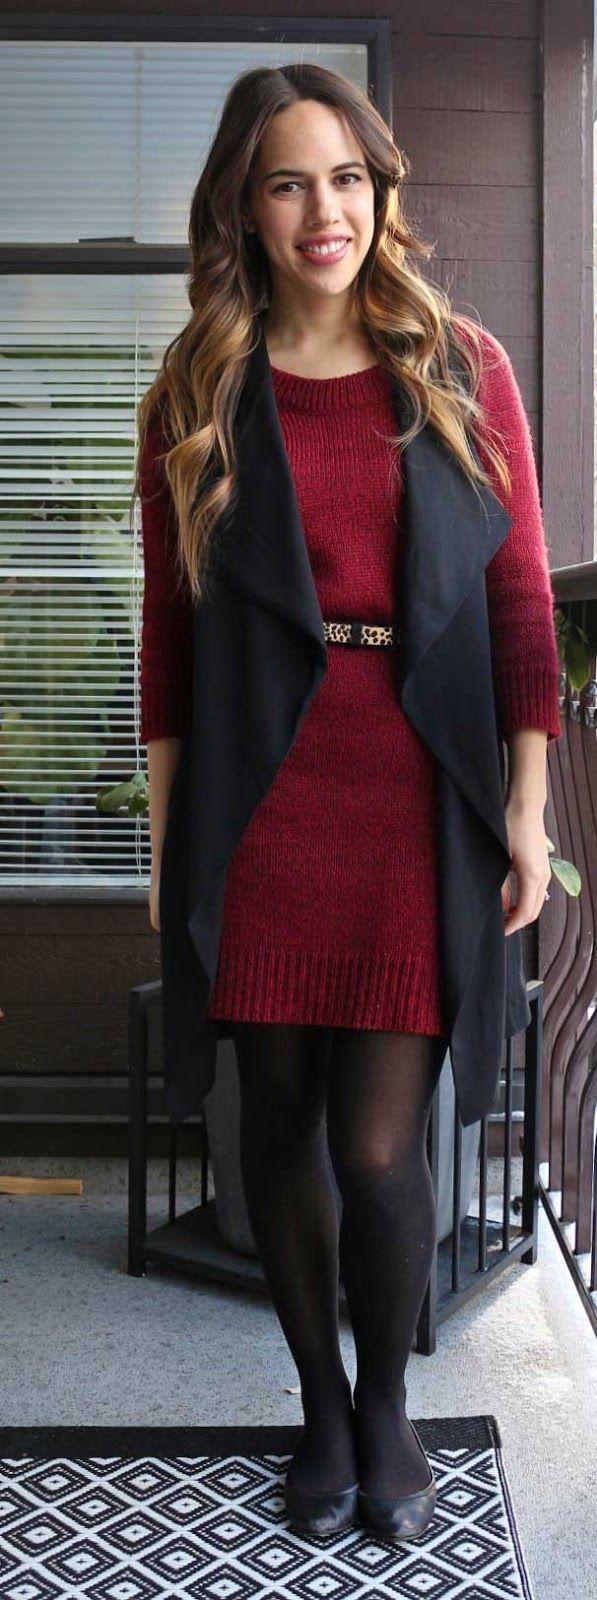 Jules in Flats - Joe Fresh Sweater Dress, Dynamite Waterfall Vest, Leopard Print Belt